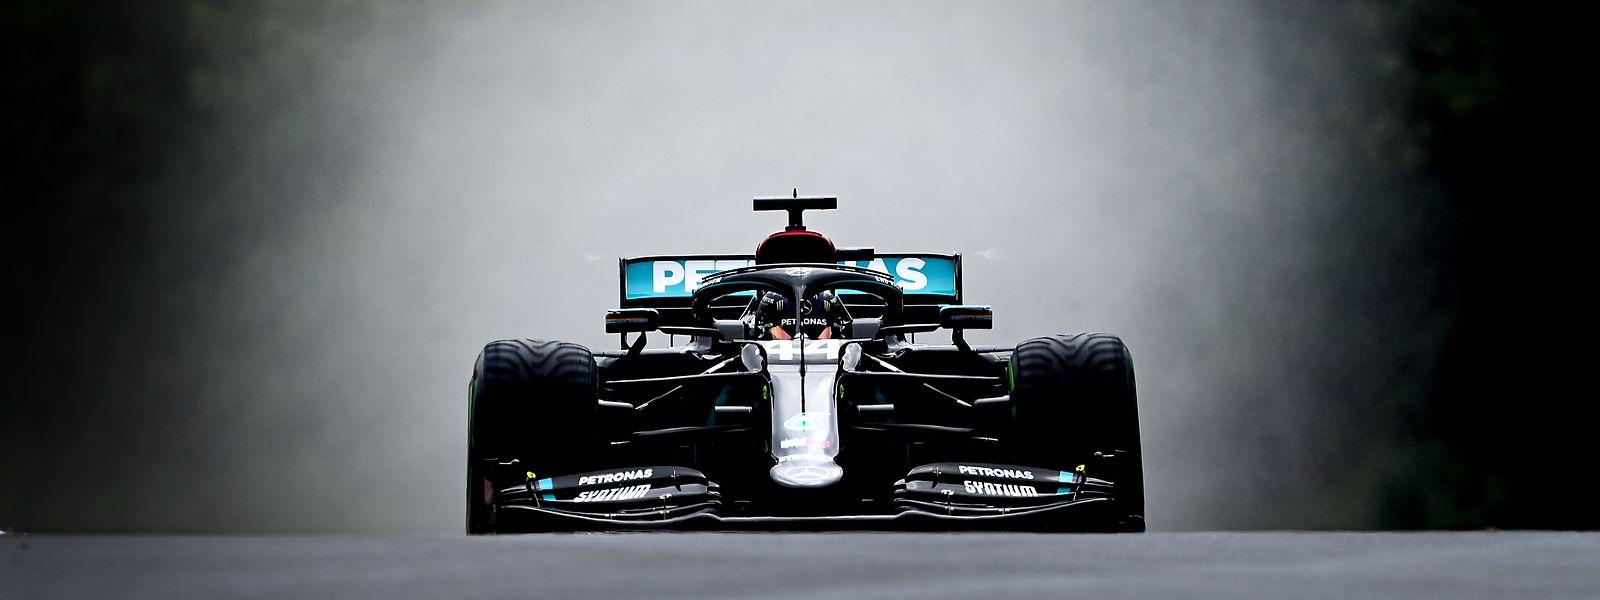 Lewis Hamilton und Co. kämpfen in diesem Jahr in Istanbul um WM-Punkte.